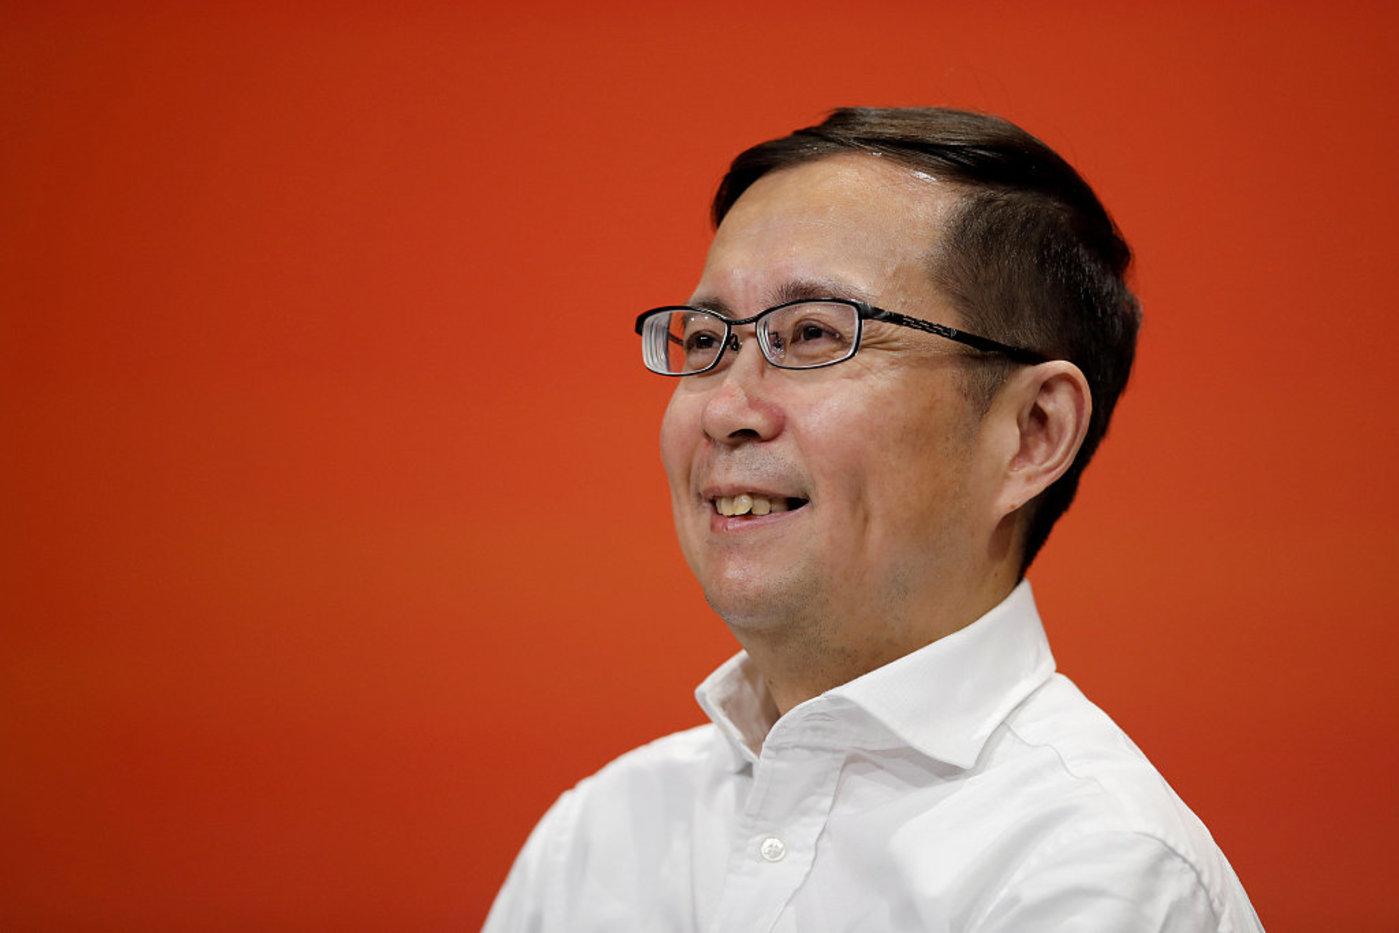 现阿里巴巴集团CEO 张勇,图片来源于视觉中国